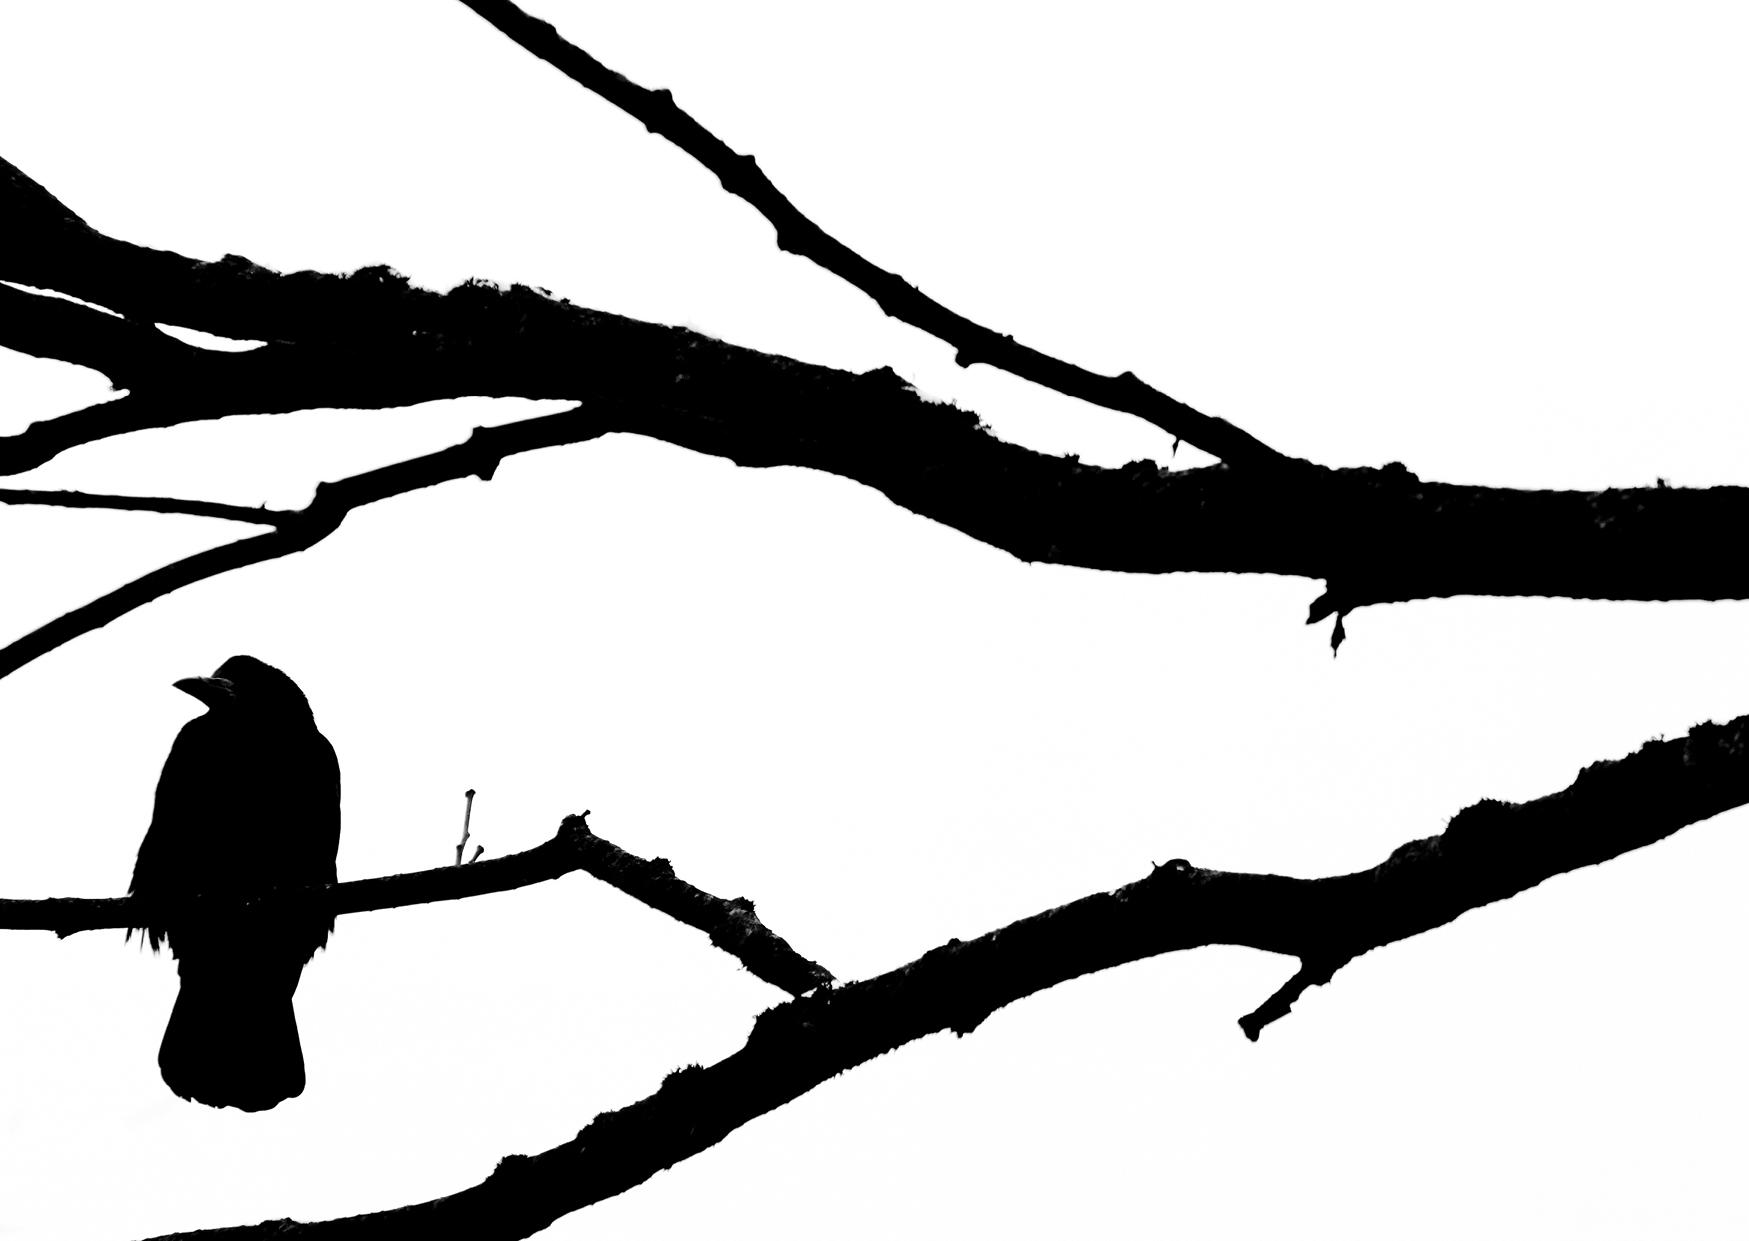 Bettina Lindenberg, Fotografie, Kunstpostkarte, Natur, schwarz-weiß